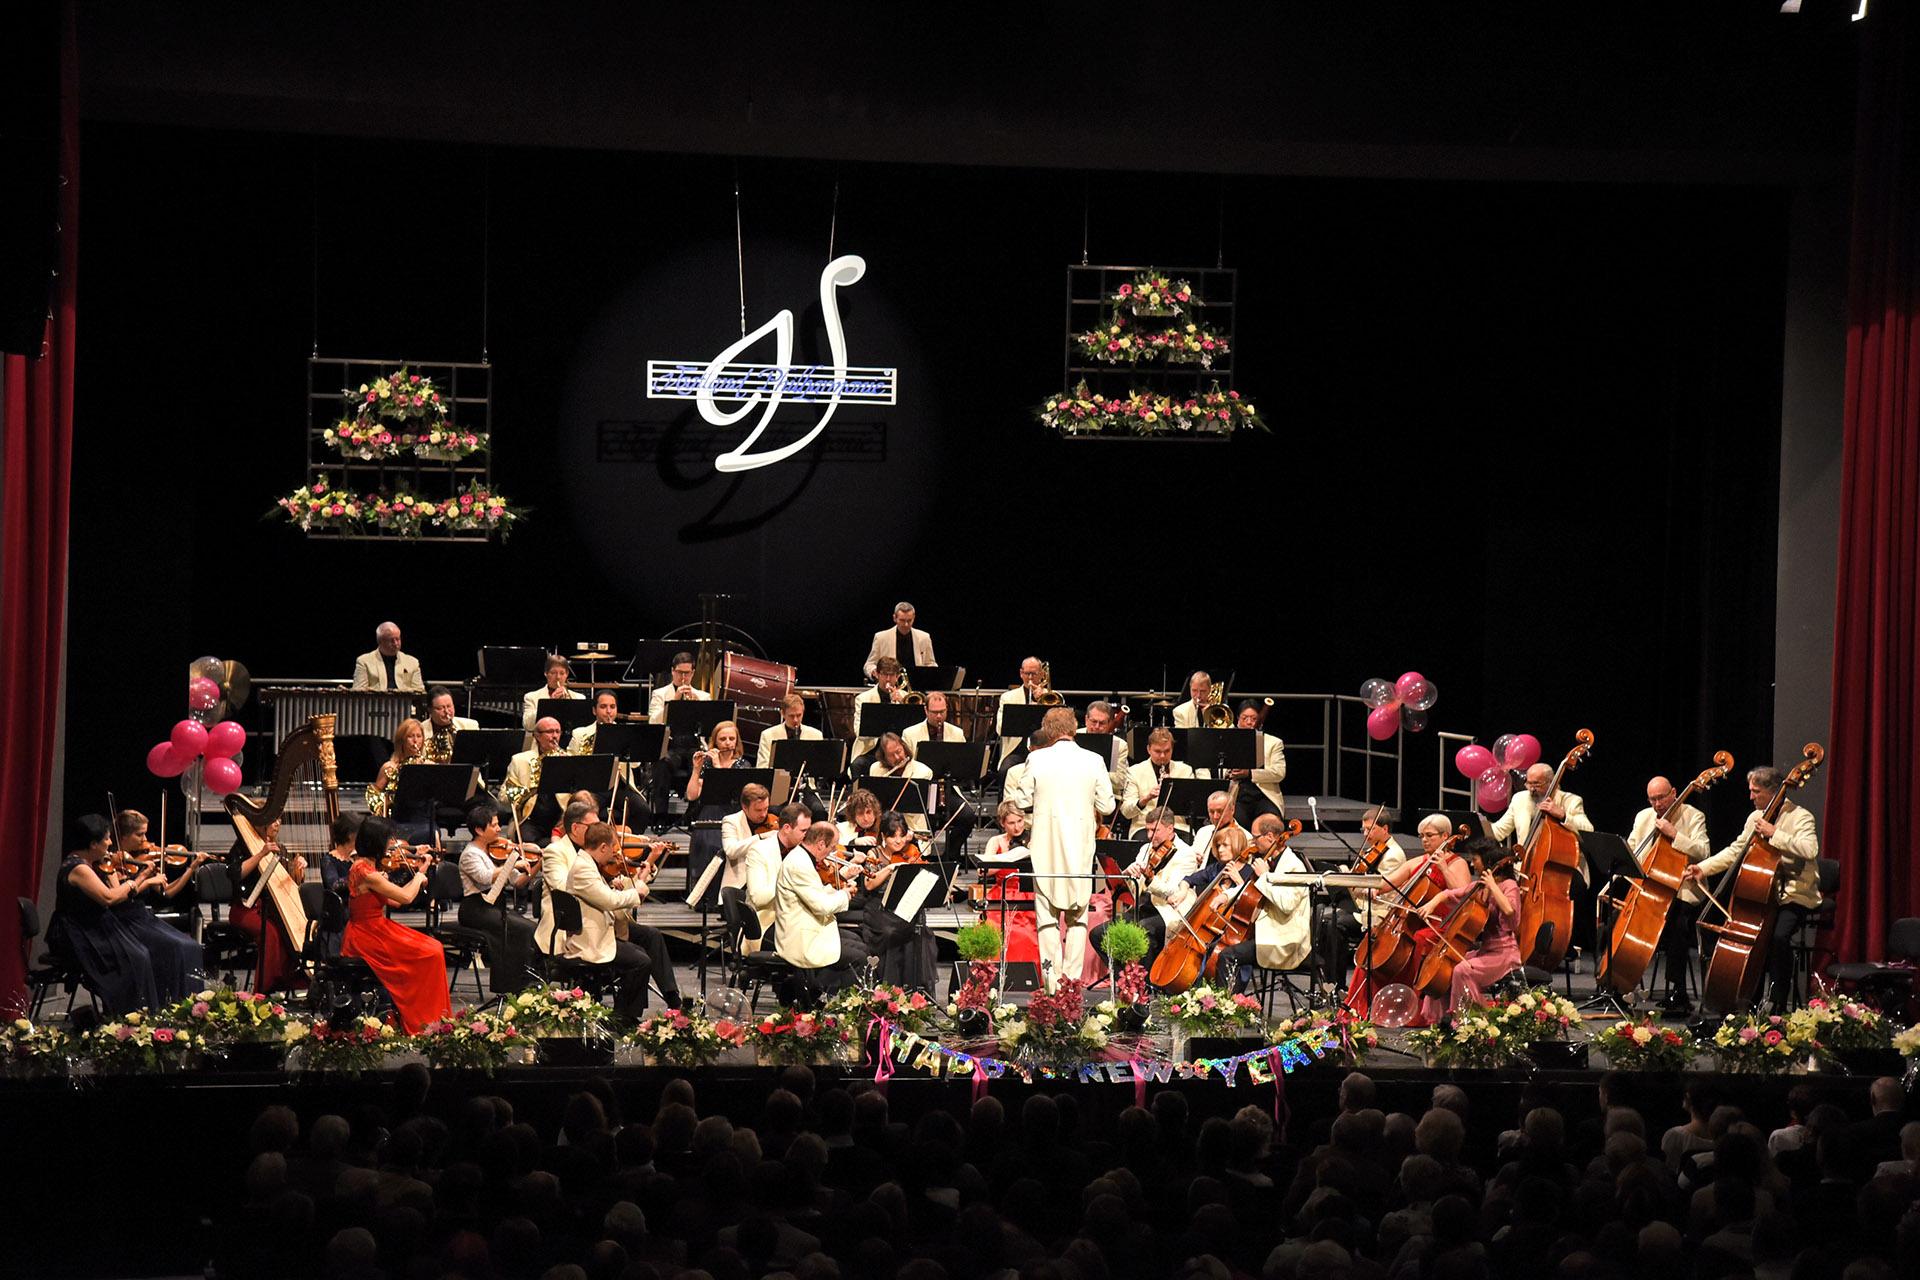 Silvesterkonzert mit der Vogtland Philharmonie